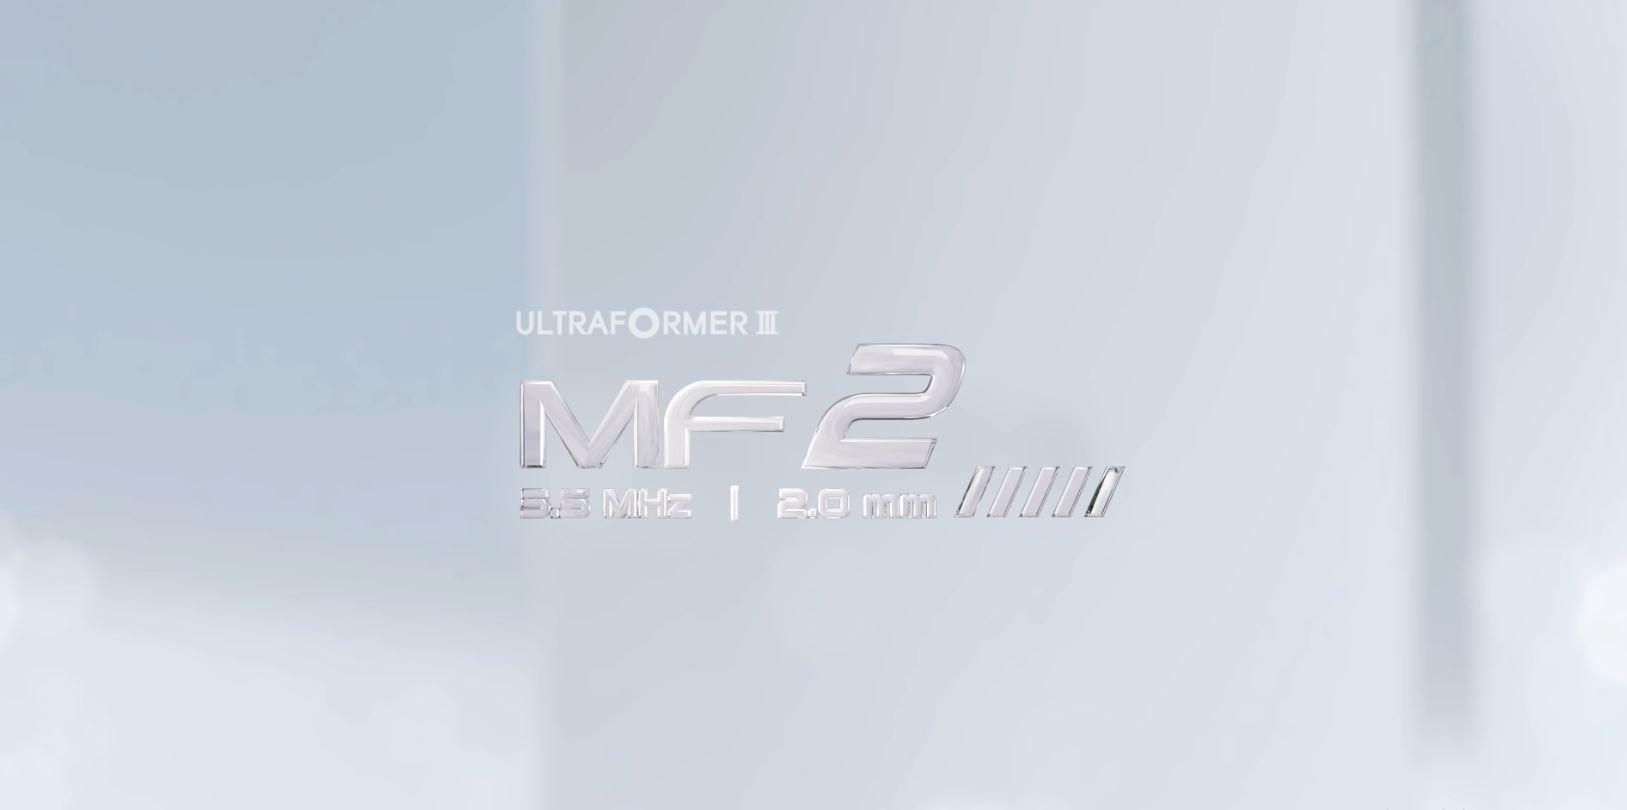 SIÊU PHẨM TRẺ HÓA DA HÀNG ĐẦU HIFU ULTRAFORMER III. Trẻ hoá da bằng #Hifu_Ultraformer III là siêu phẩm trẻ hoá toàn cầu mới nhất 2020